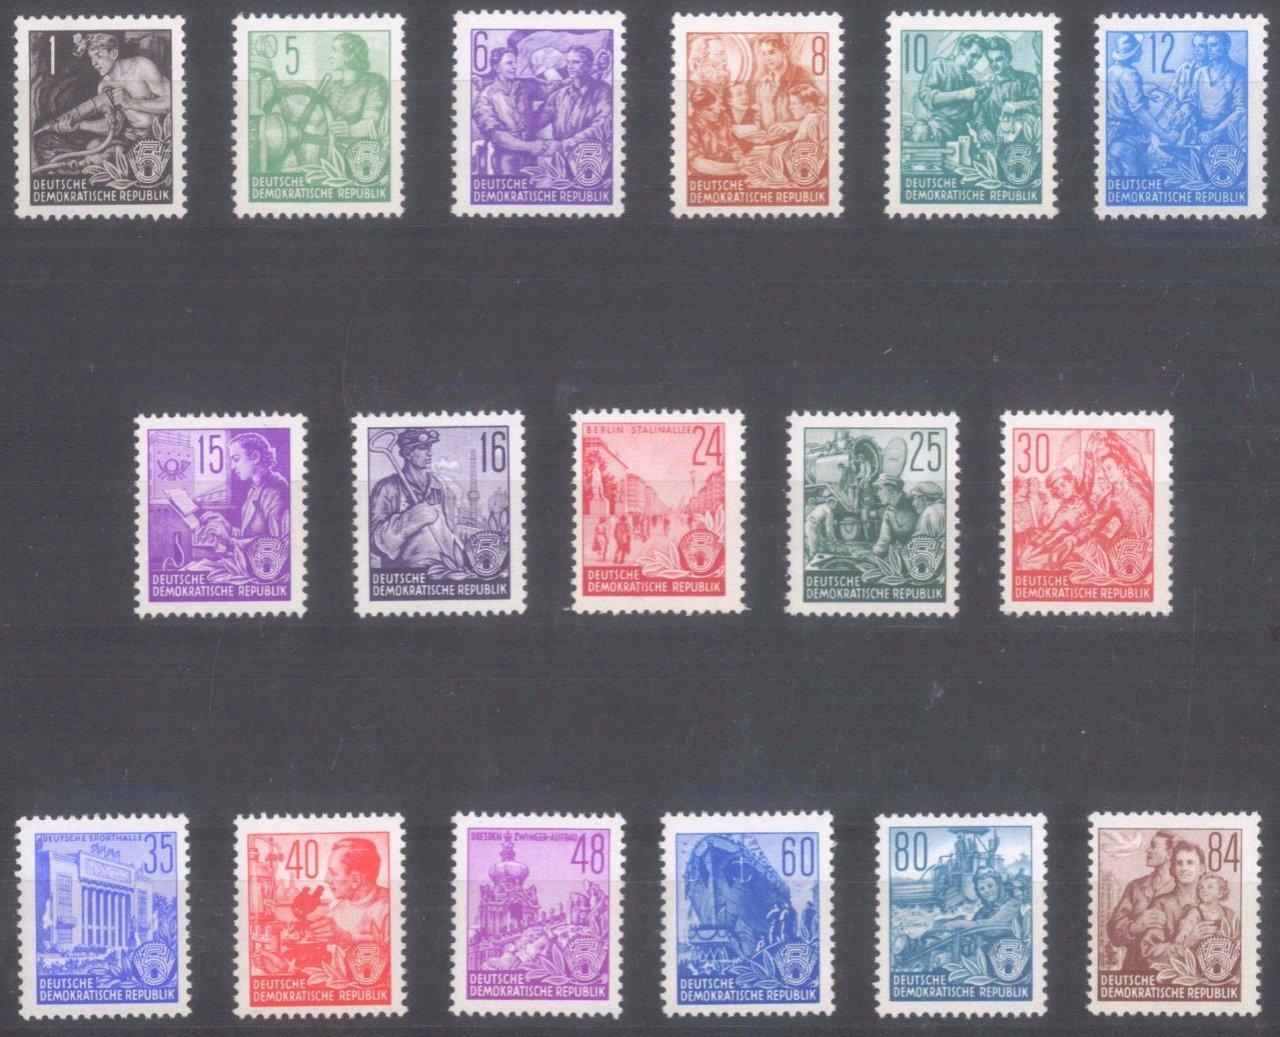 DDR 1953, Fünfjahrplan, Offsetdruck